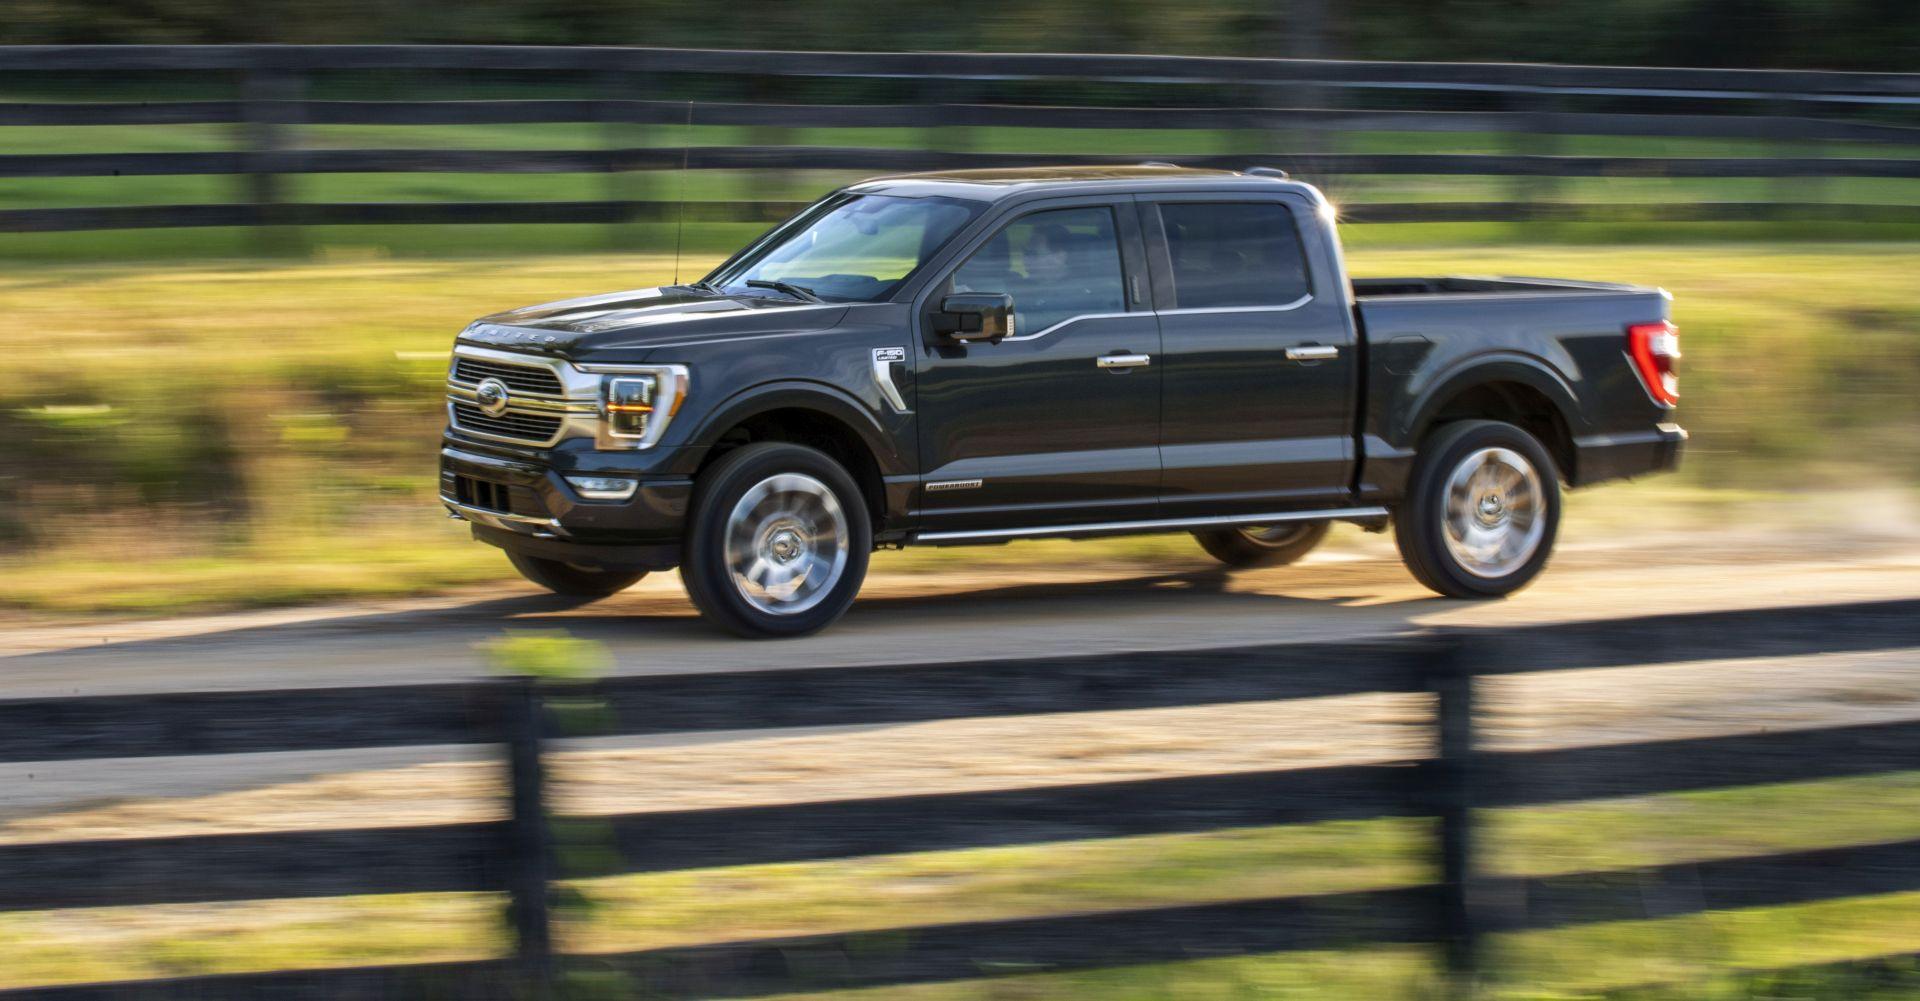 Nova generacija najprodavanijeg pick-up modela u SAD-u: ovo je novi Ford F-150